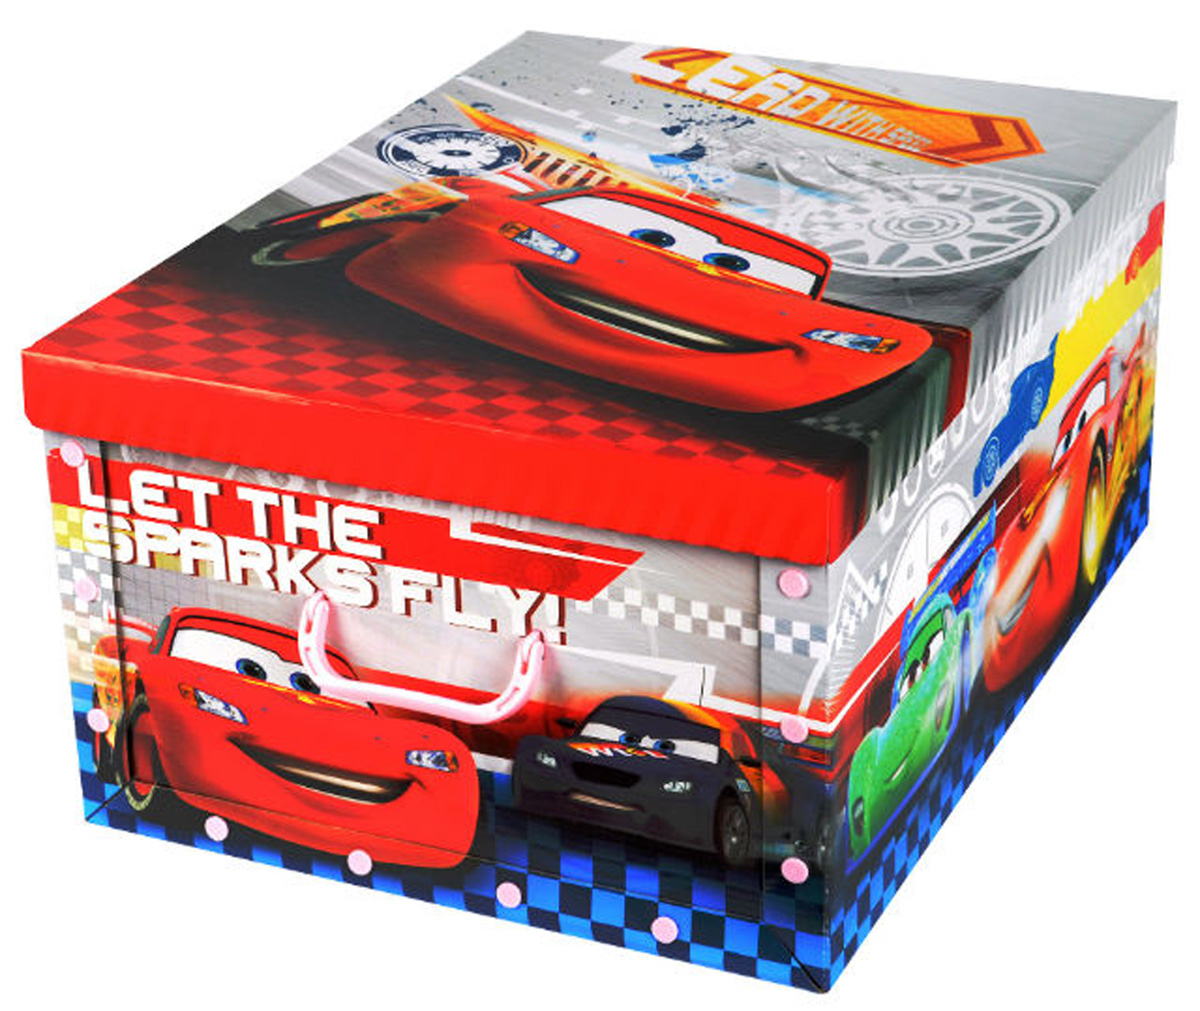 """Коробка для хранения Disney """"Тачки"""", выполненная из высококачественного гофрированного картона, идеально подойдет для хранения игрушек, одежды, книг, канцелярских принадлежностей и других мелких предметов. Изделие легко собирается и не занимает много места. Коробка декорирована изображением героя мультфильма """"Тачки"""" и оснащена удобными ручками для транспортировки.Коробка Disney """"Тачки"""" поможет хранить все в одном месте, а также защитить вещи от пыли, грязи и влаги. Размер коробки (в собранном виде): 40 х 50 х 25 см."""